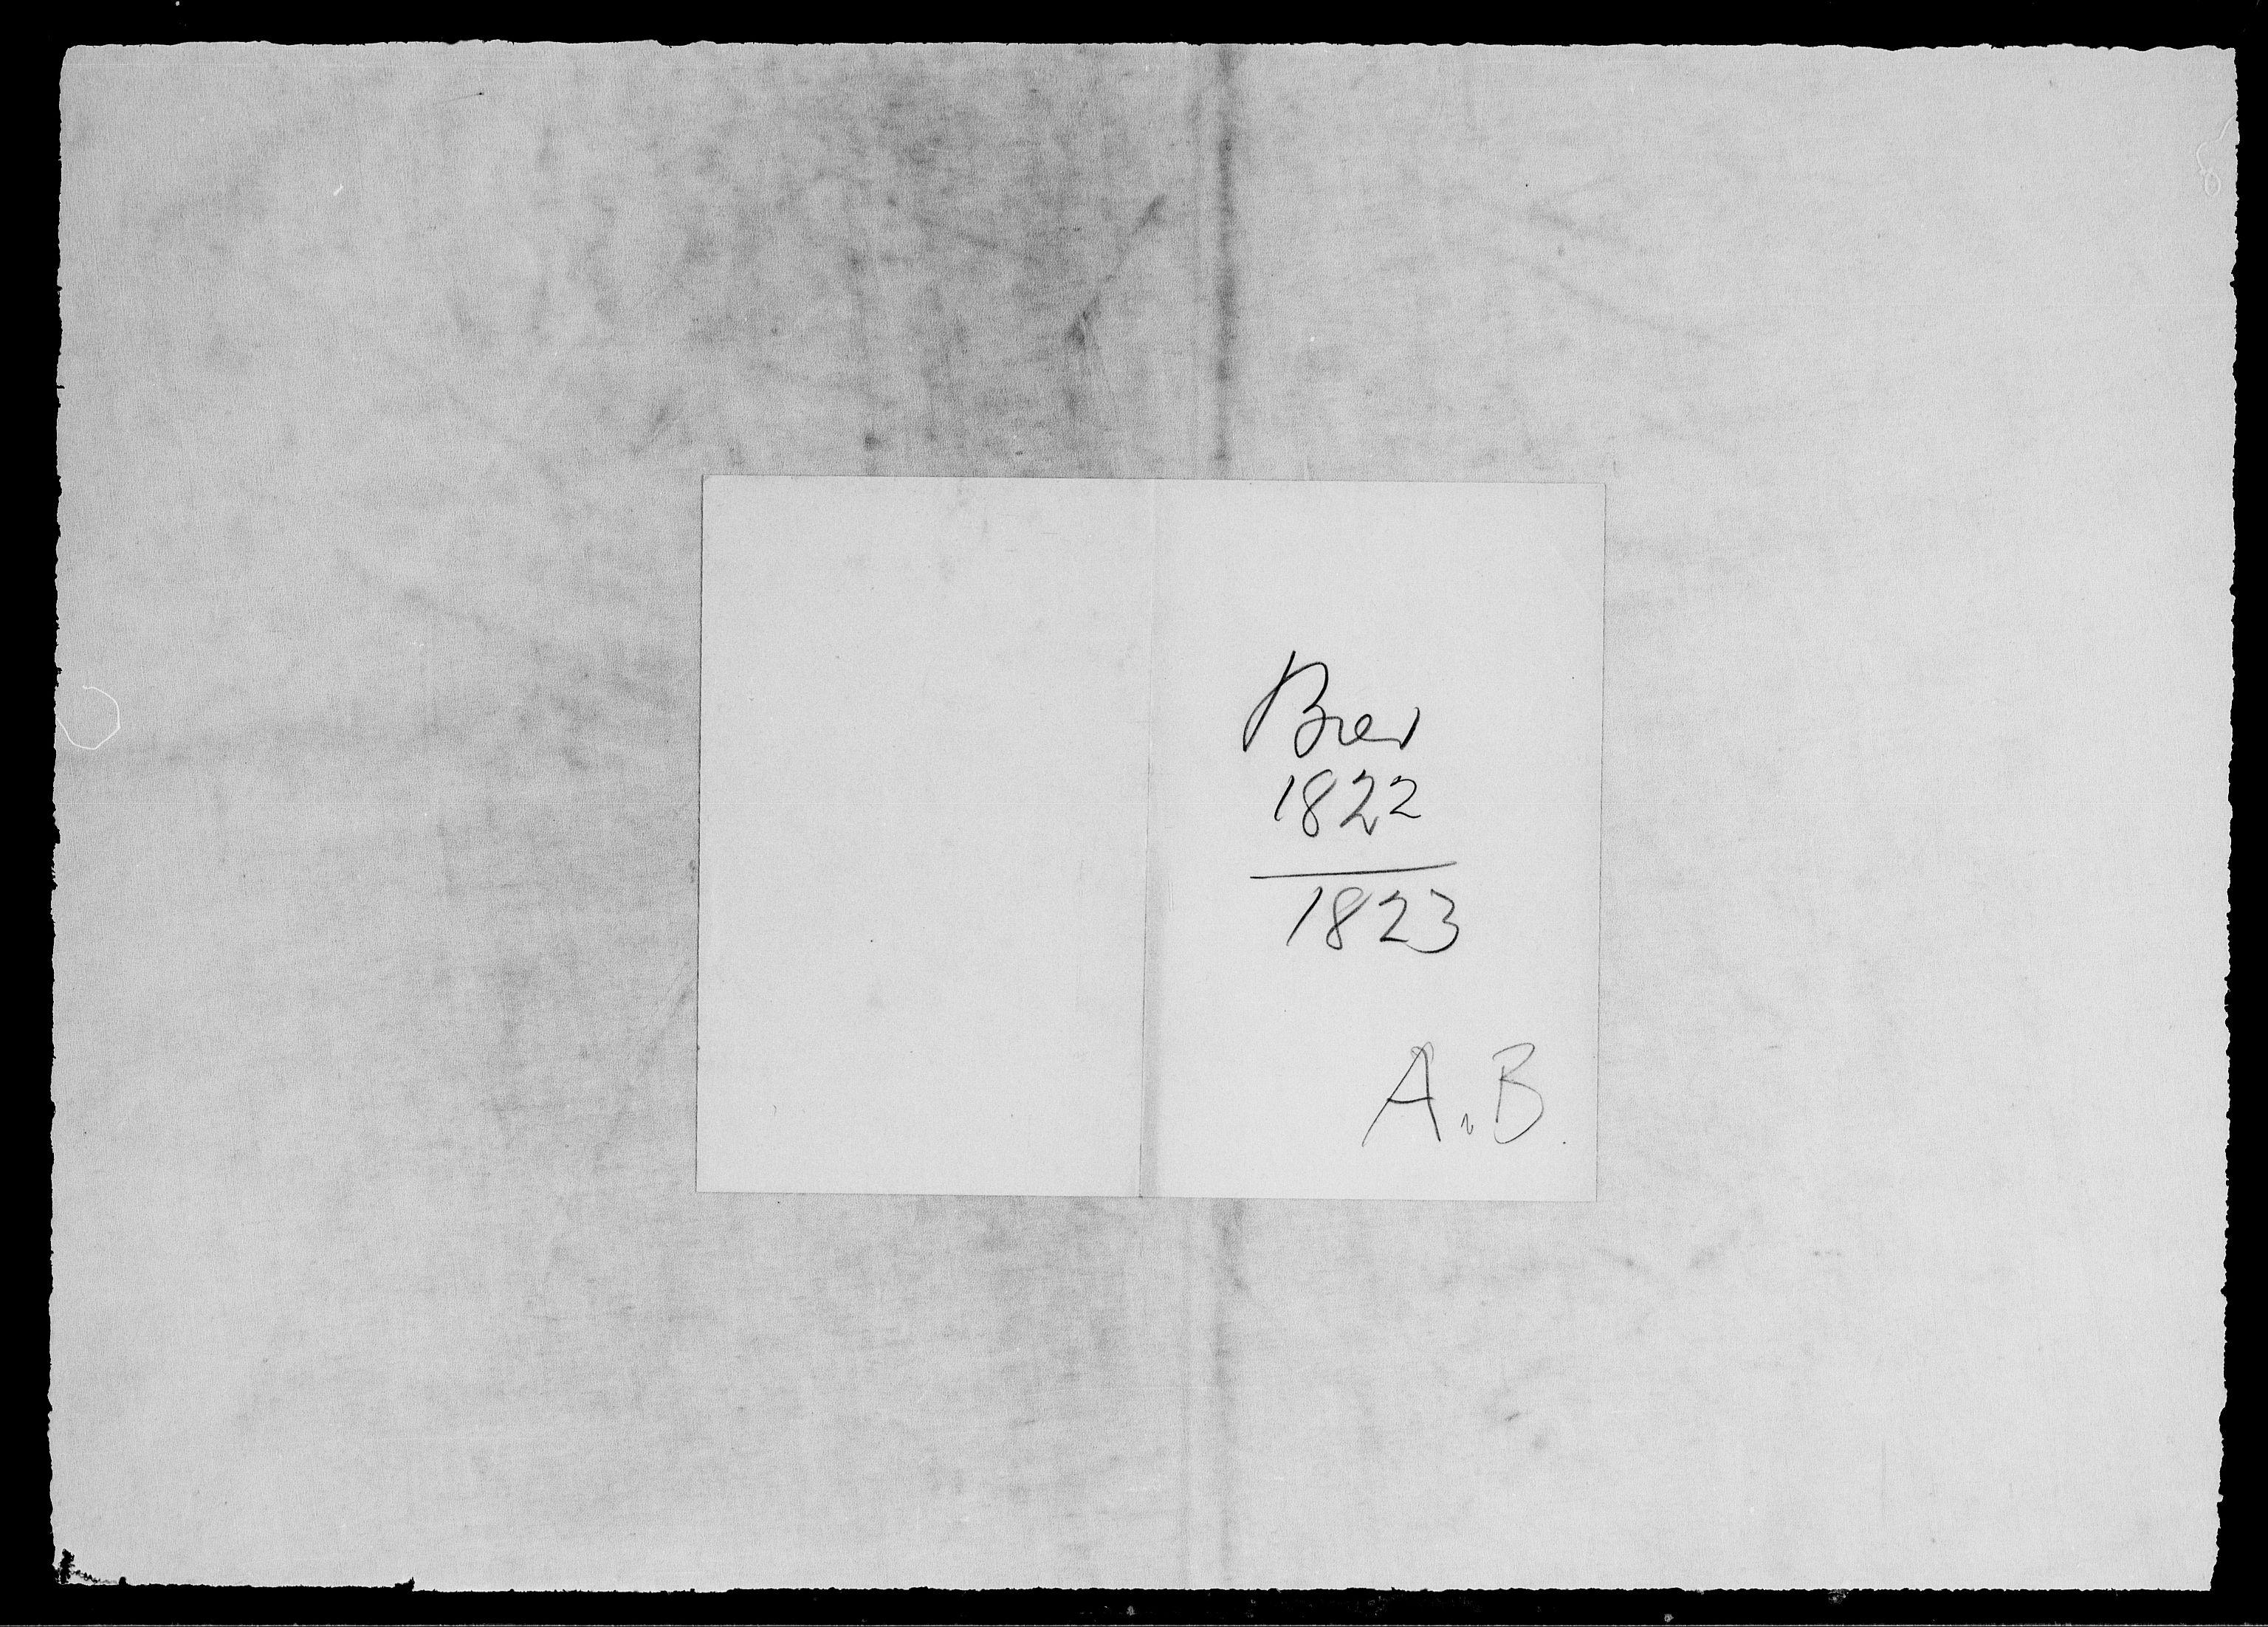 RA, Modums Blaafarveværk, G/Gb/L0090, 1822-1823, s. 2